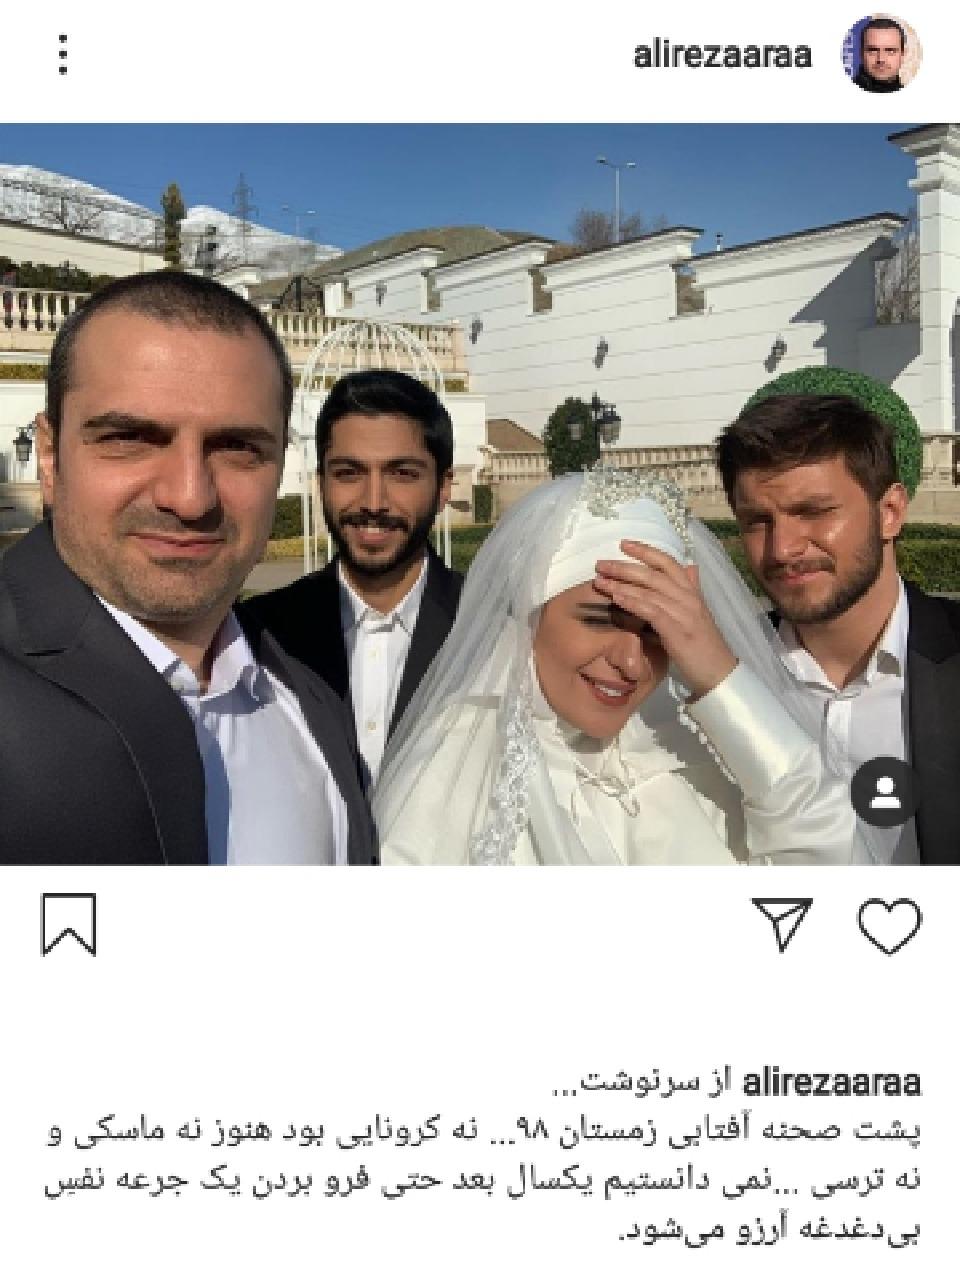 عروسی هاشم و نغمه در سریال از سرنوشت